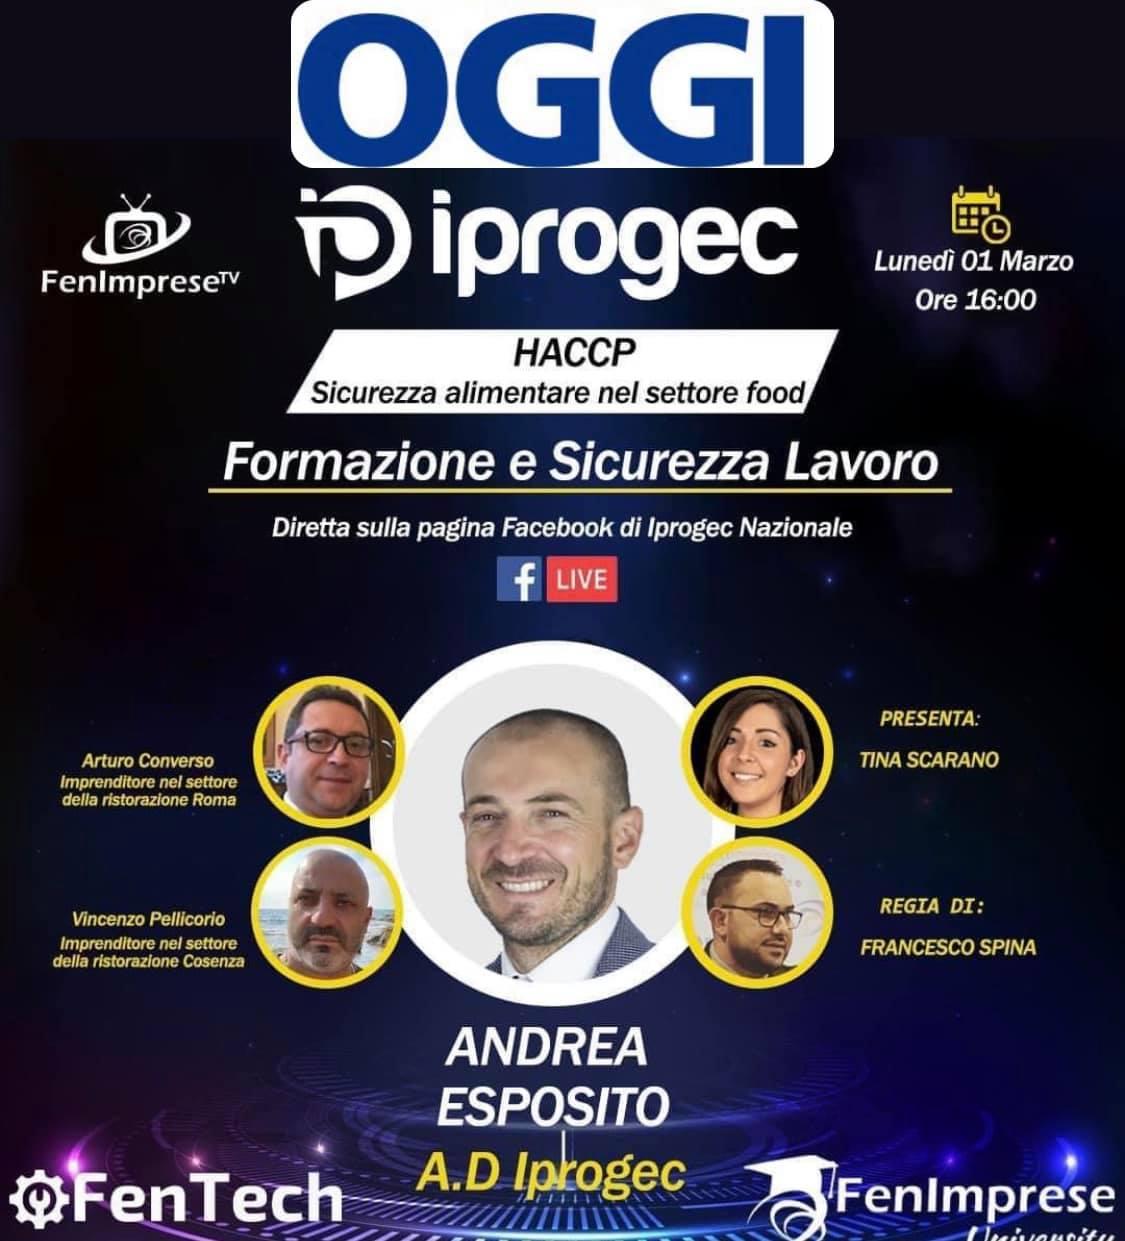 Haccp: L' Amministratore Delegato Iprogec, Andrea Esposito, incontrerà imprenditori esperti nel settore: